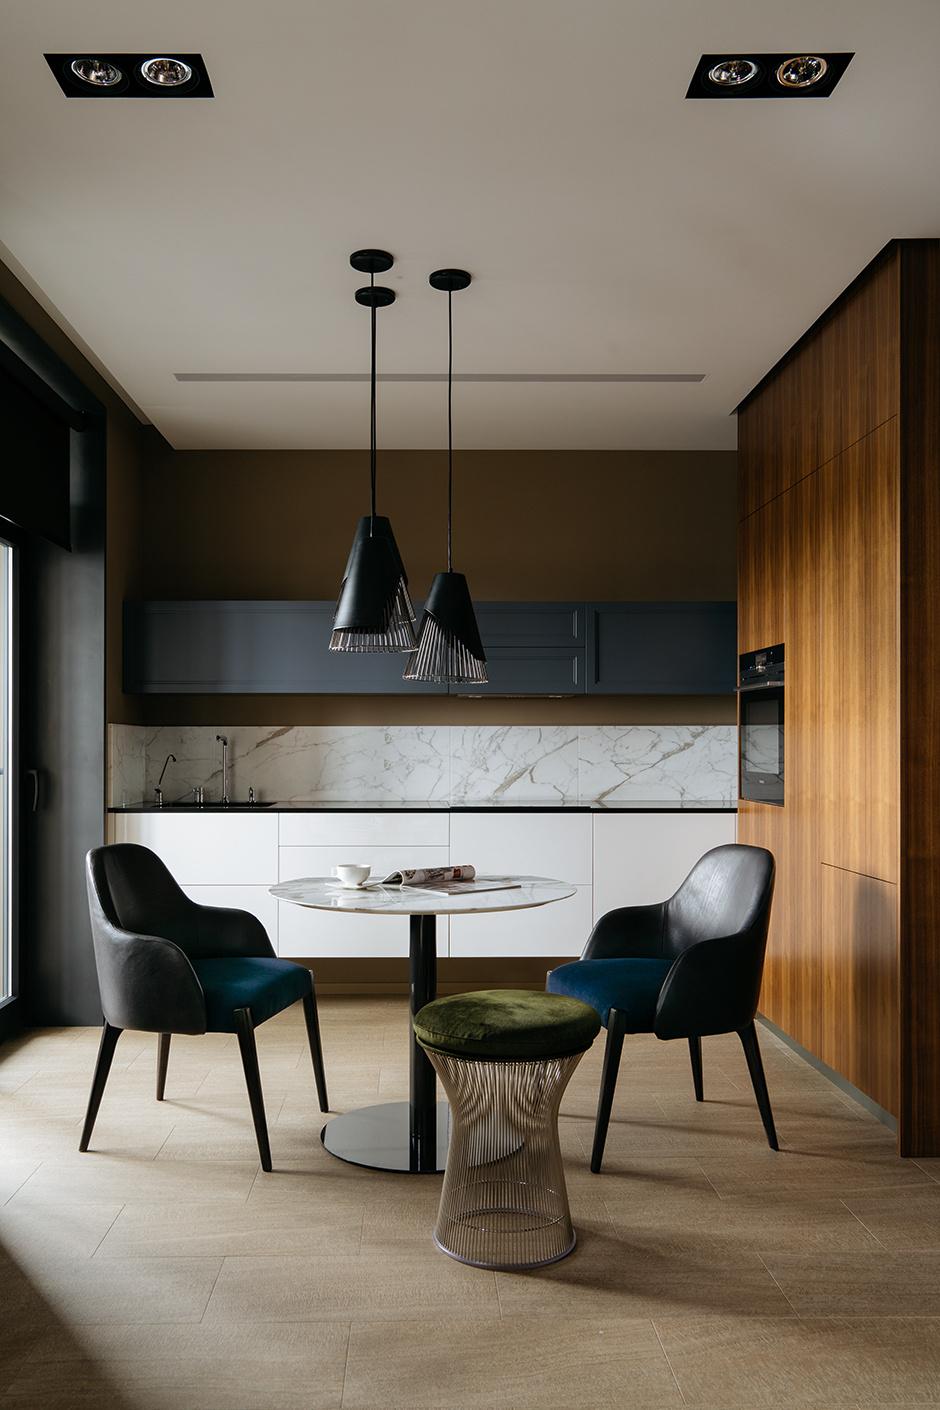 дизайн маленькой квартиры дизайн маленькой квартиры Дизайн маленькой квартиры 940x1410 1 544749785e7b1811f4e7caea928bfadd 940x1410 0xc0a839a4 15365115561485937624